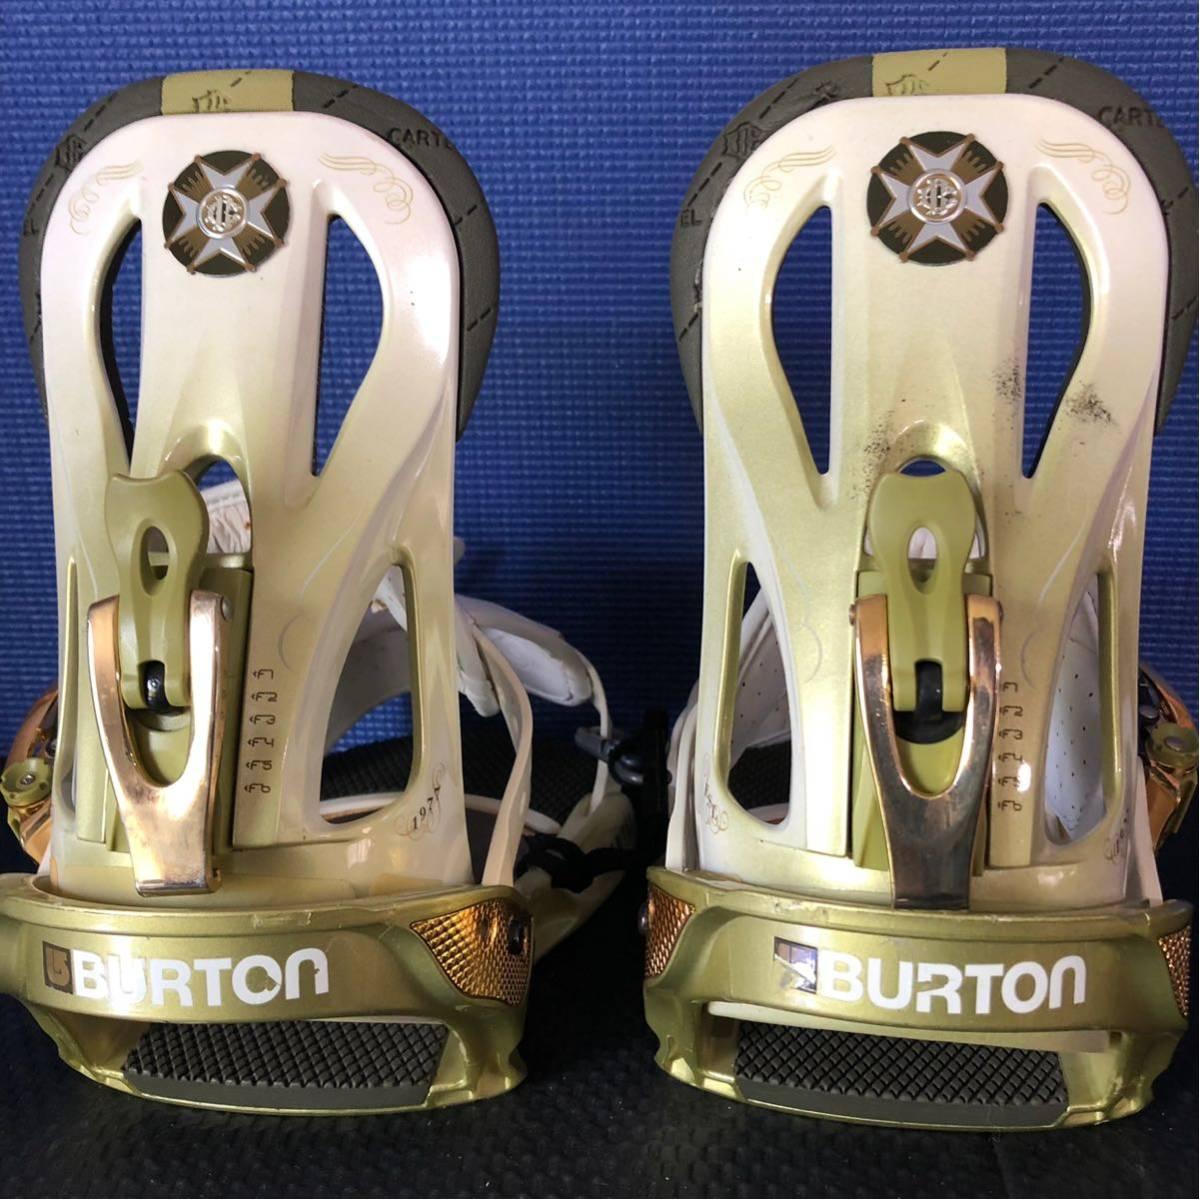 【BD010】激安!! BURTON (バートン) / モデル: CARTEL / サイズ: M / スノーボード・バインディング 初心者歓迎!!_画像3